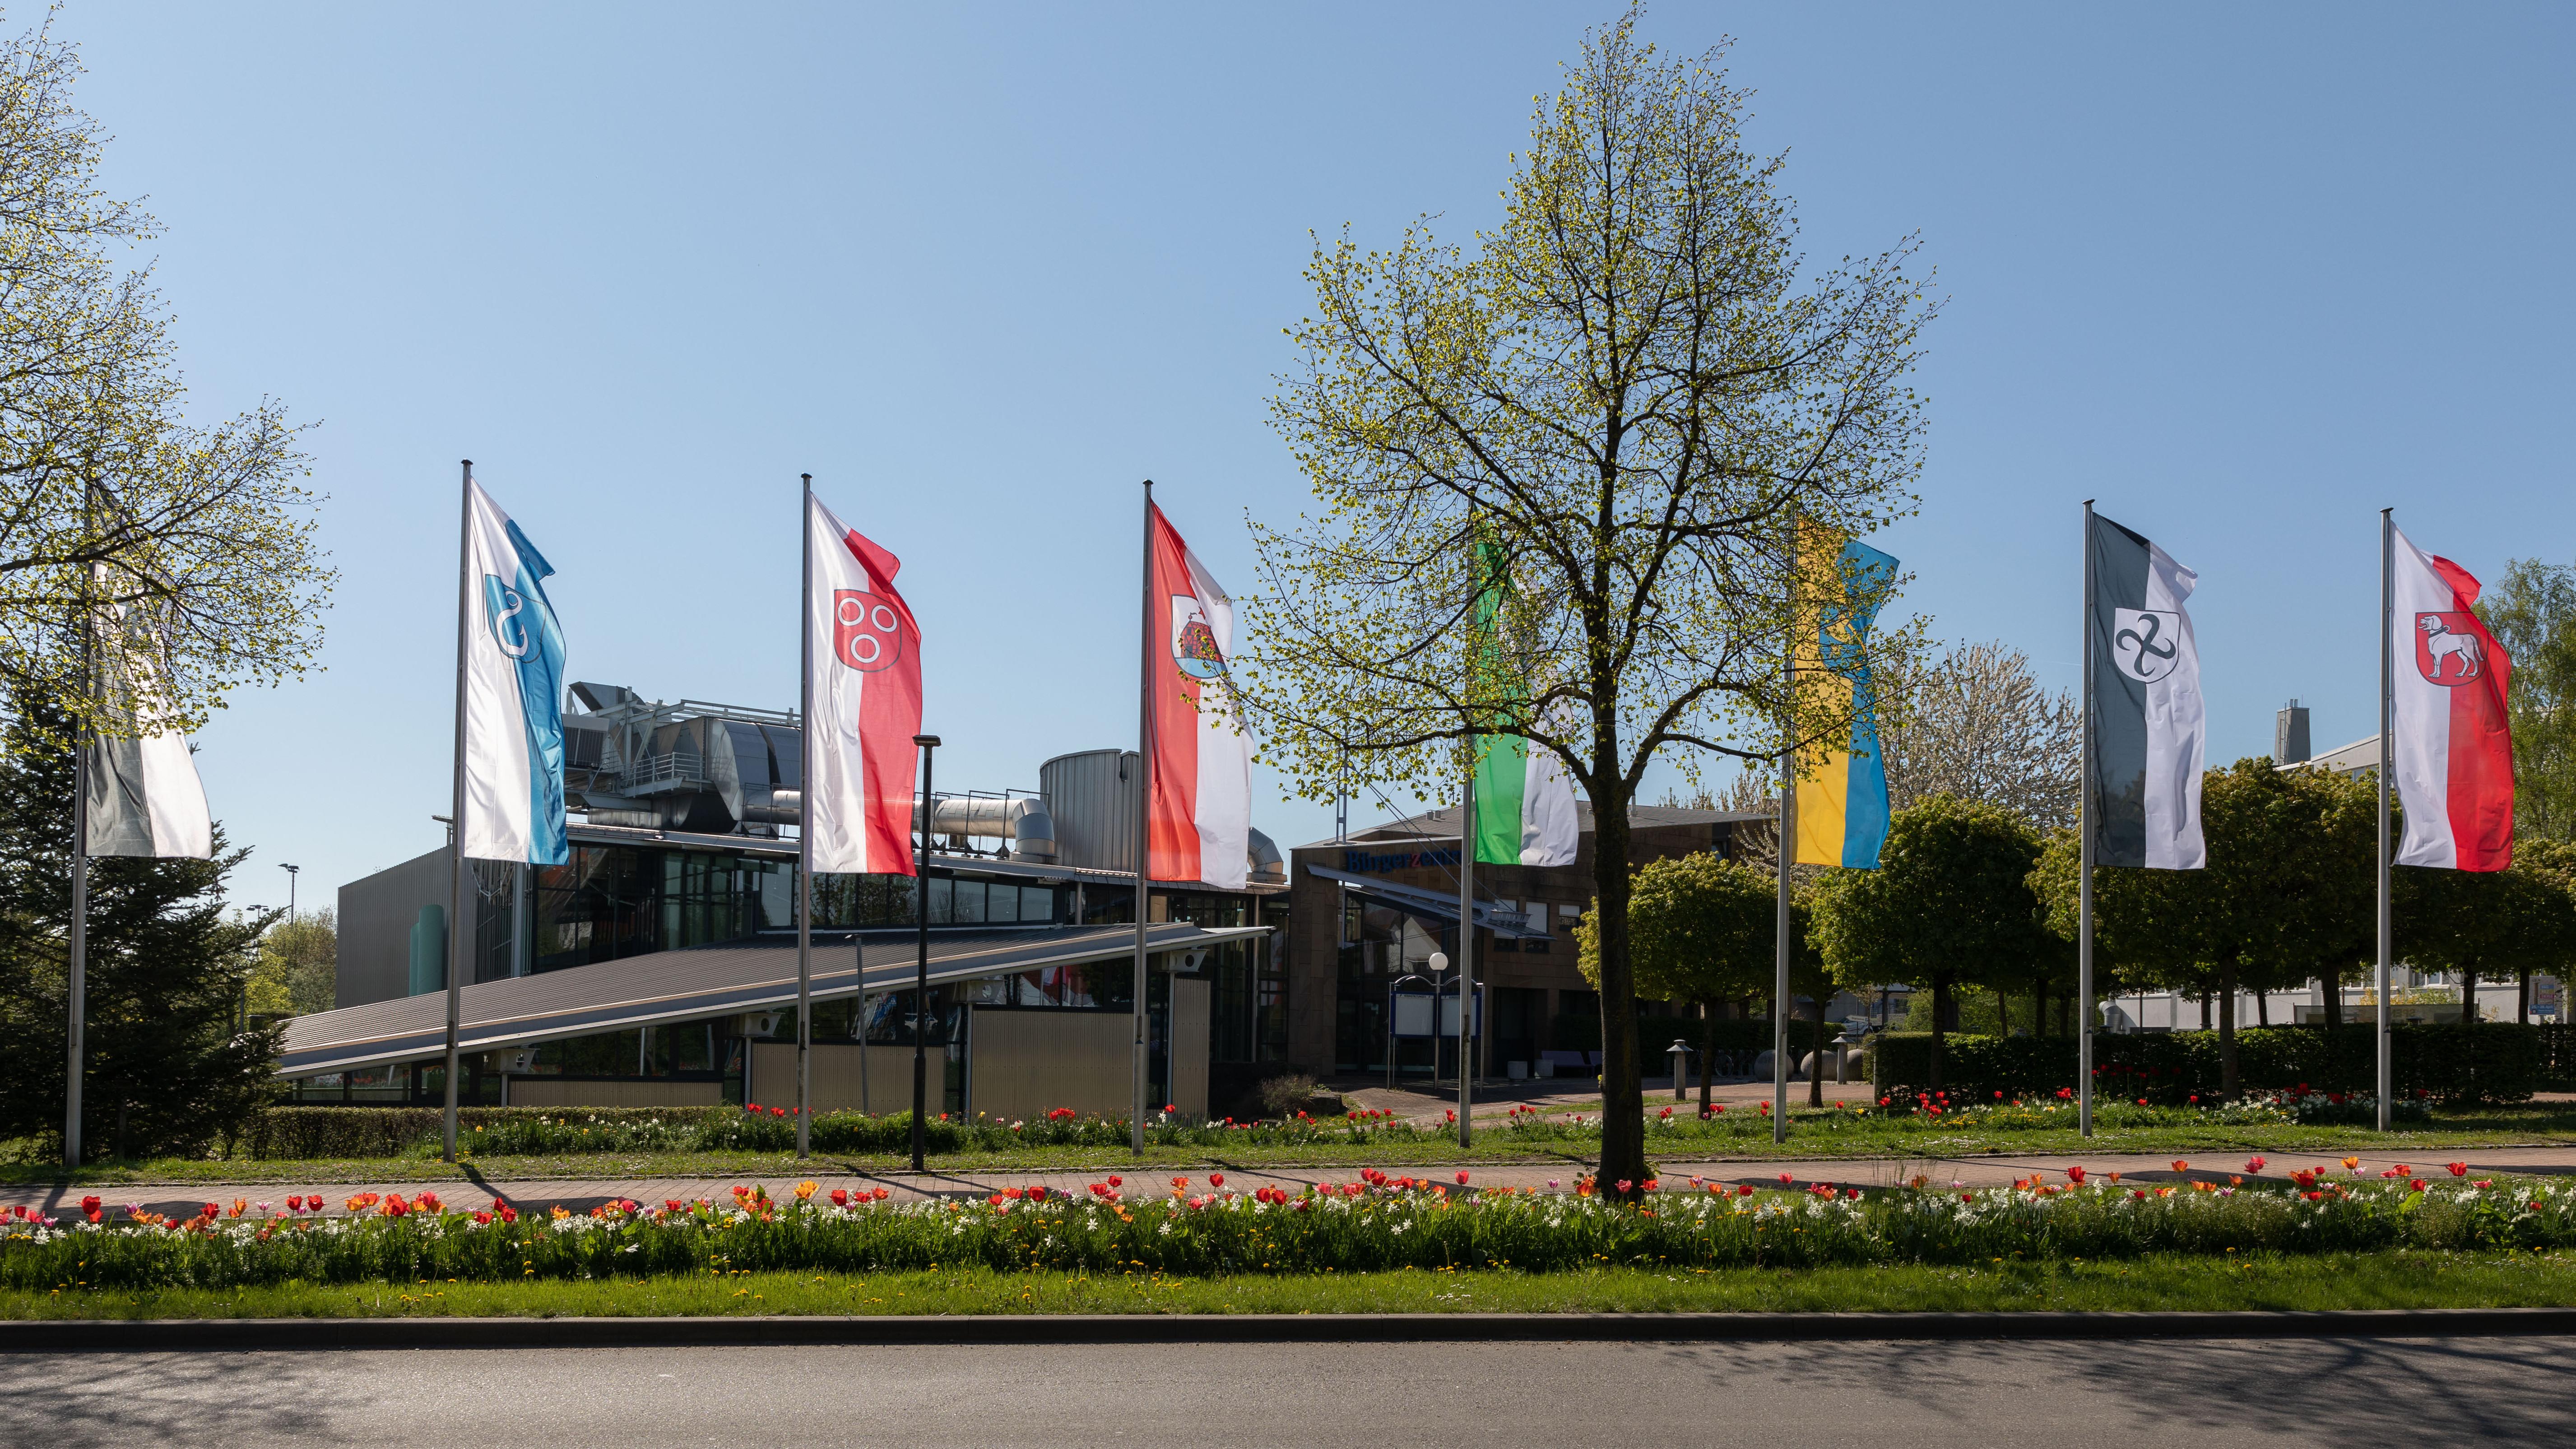 Bürgerzentrum mit Fahnen der Stadtteile Brackenheims